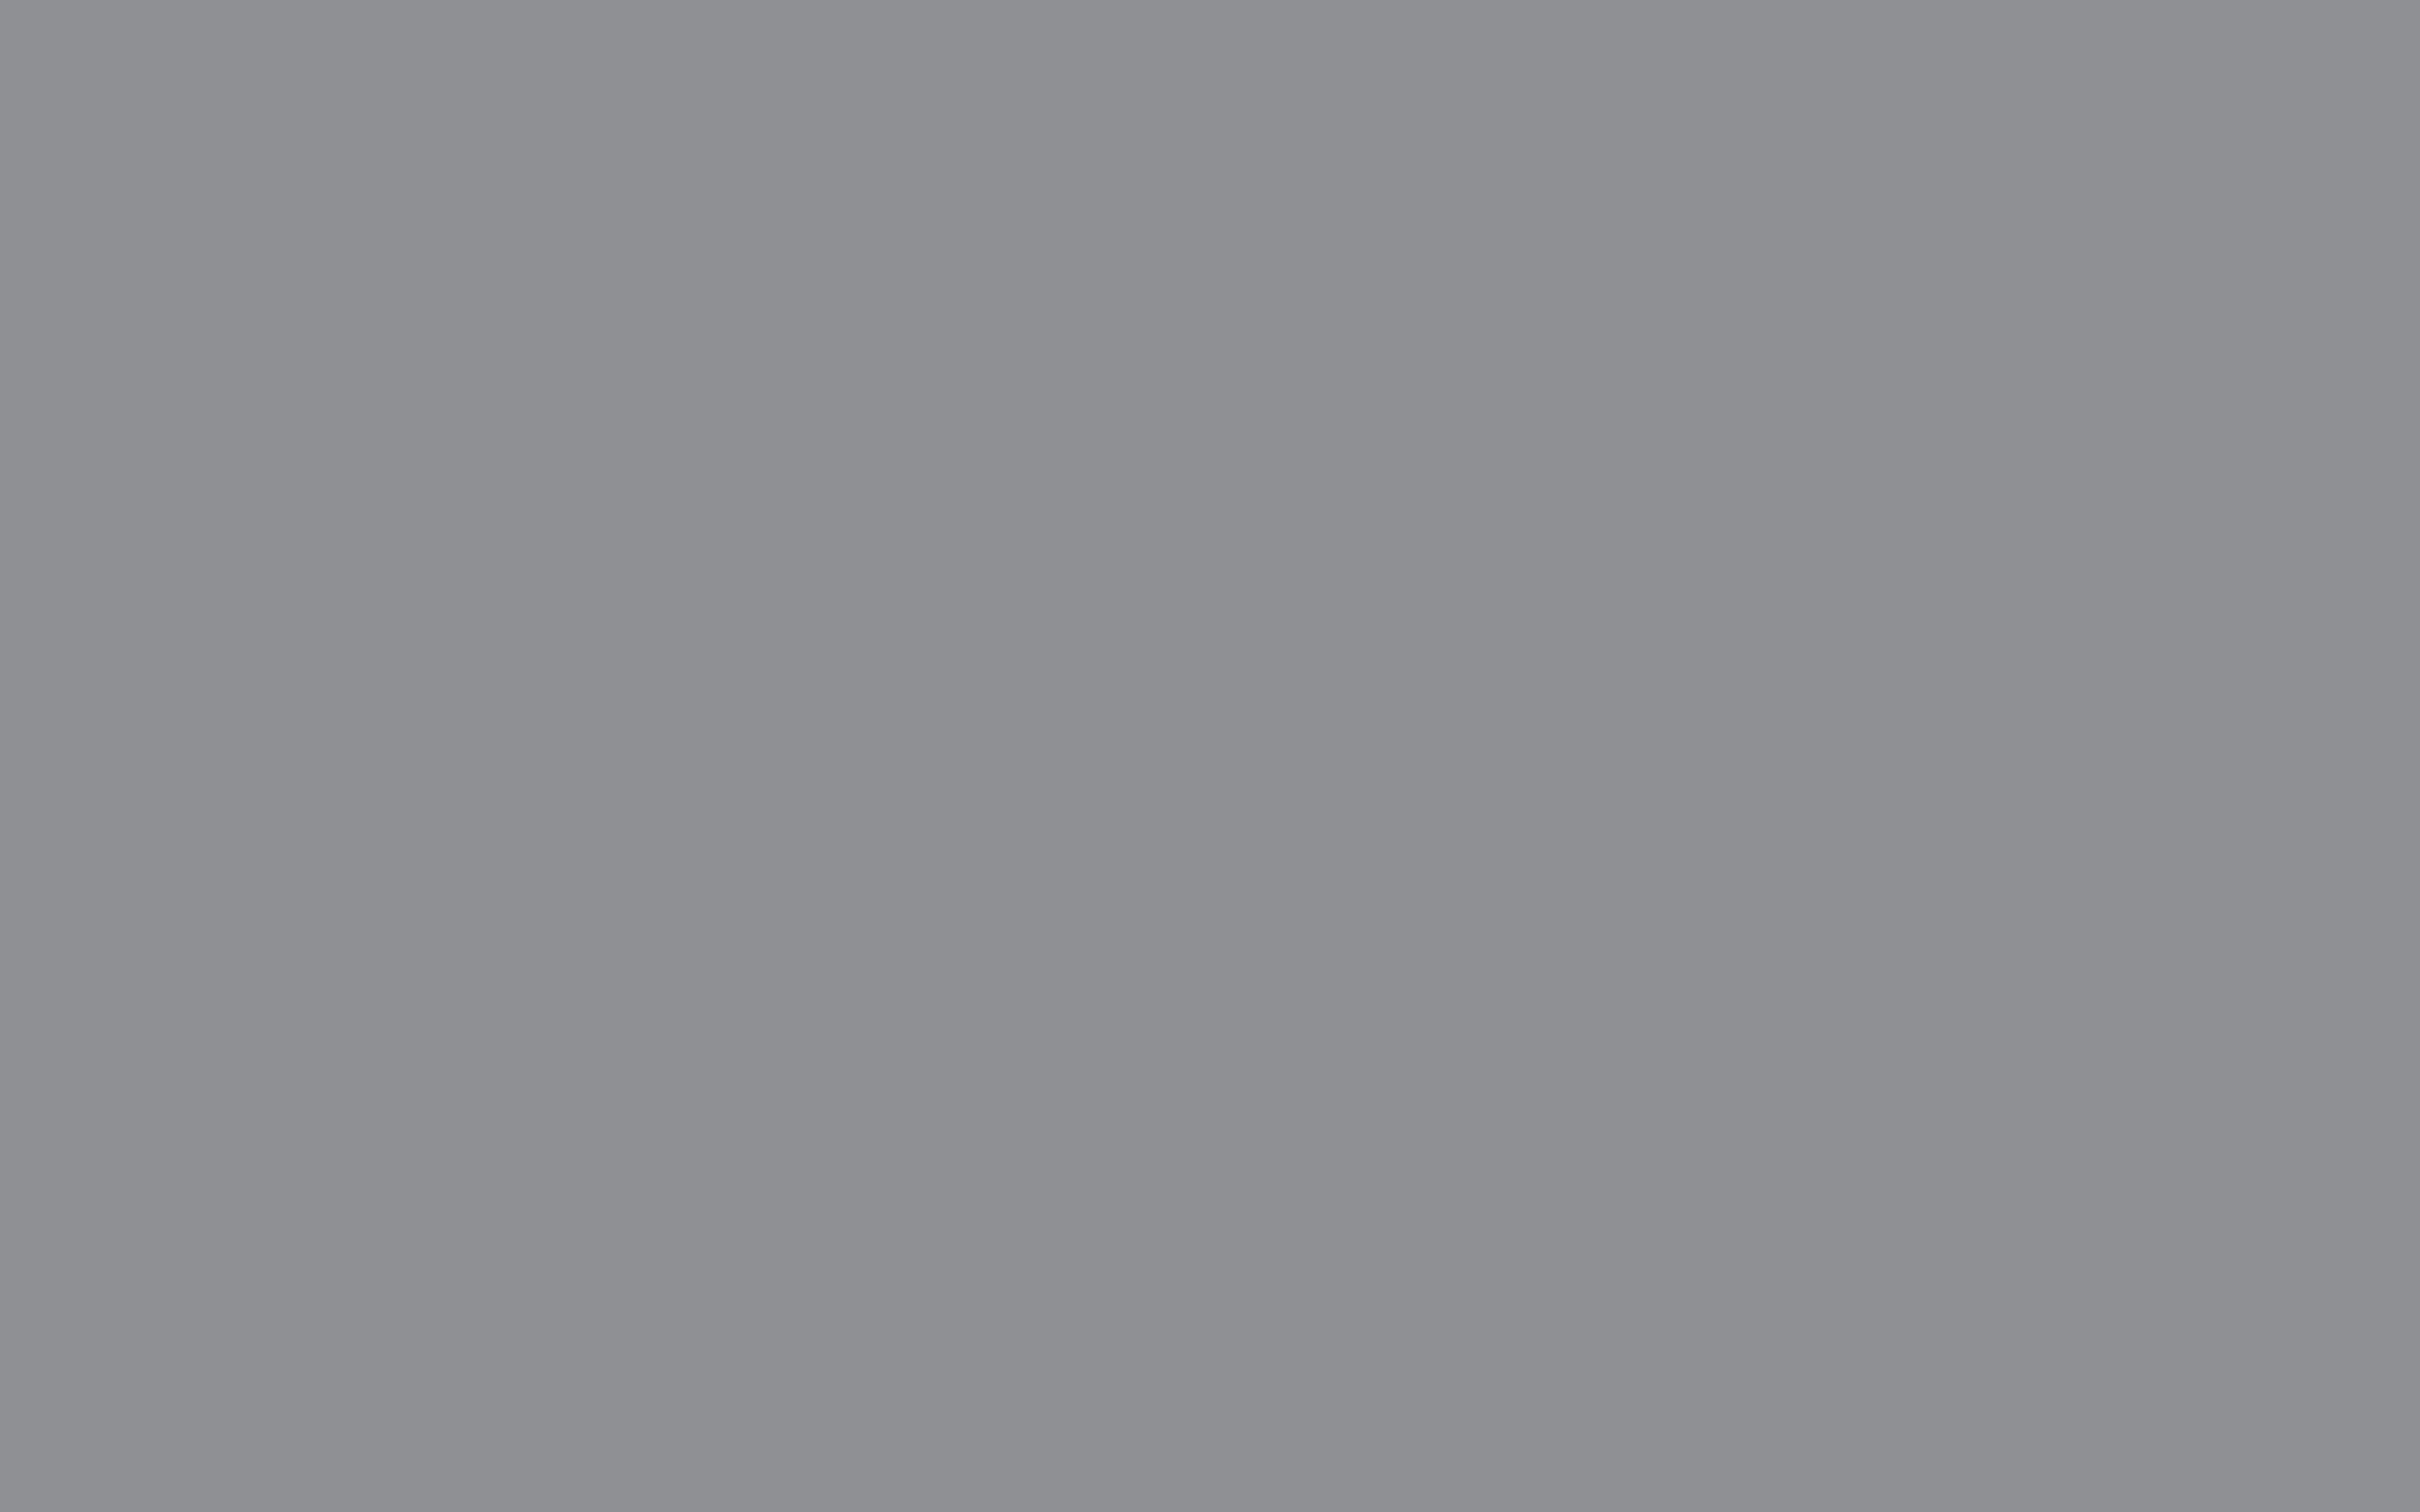 Solid Gray Wallpaper 1818